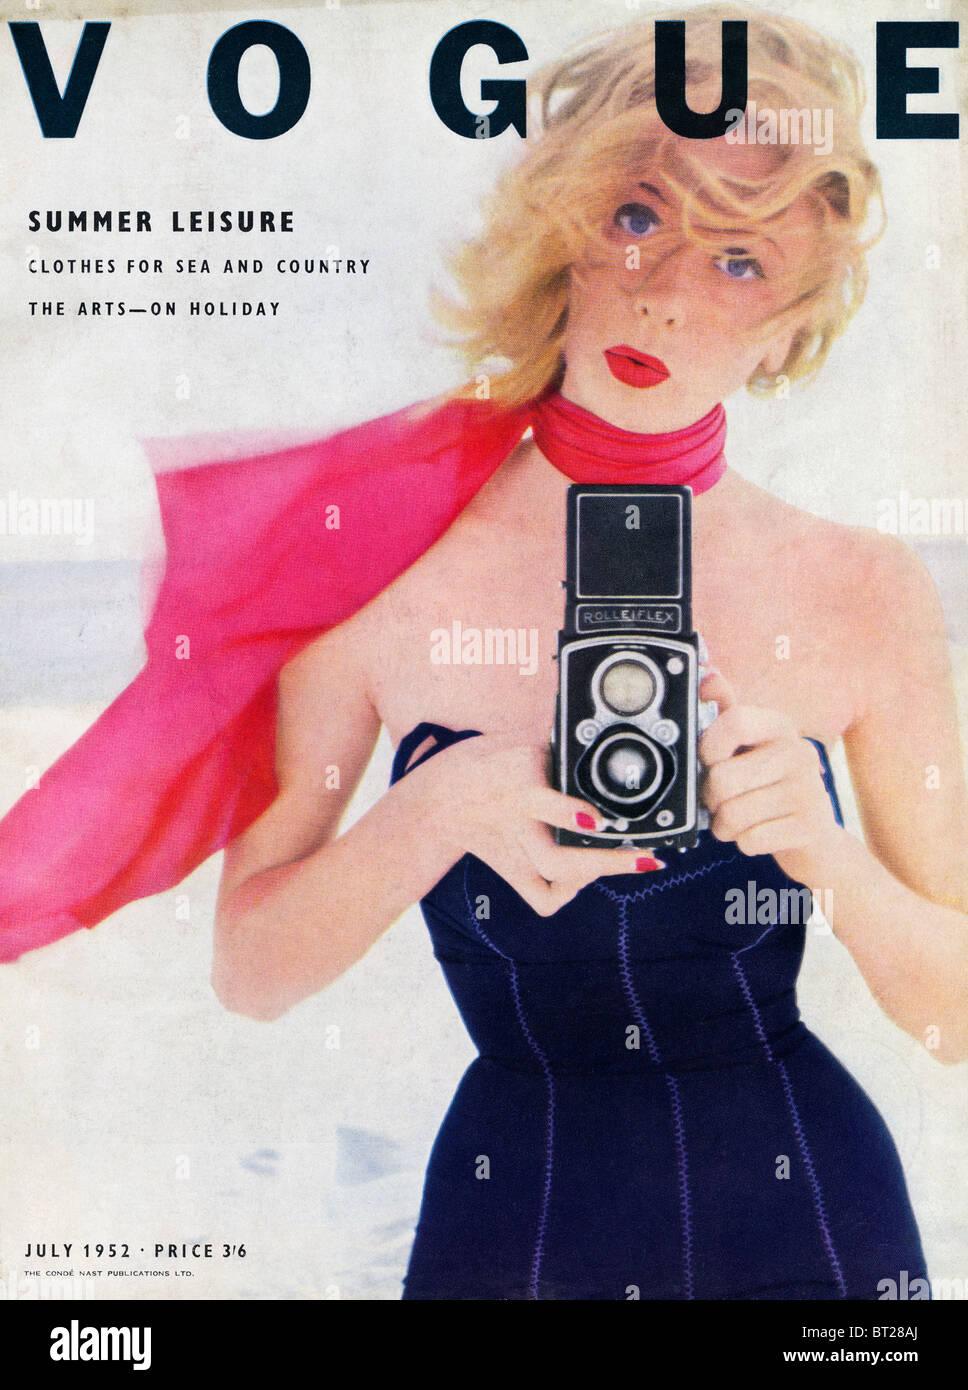 Copertina della rivista di moda Vogue Luglio 1952 fotografata da Irving Penn al prezzo di 3 scellini e 6 pence Immagini Stock